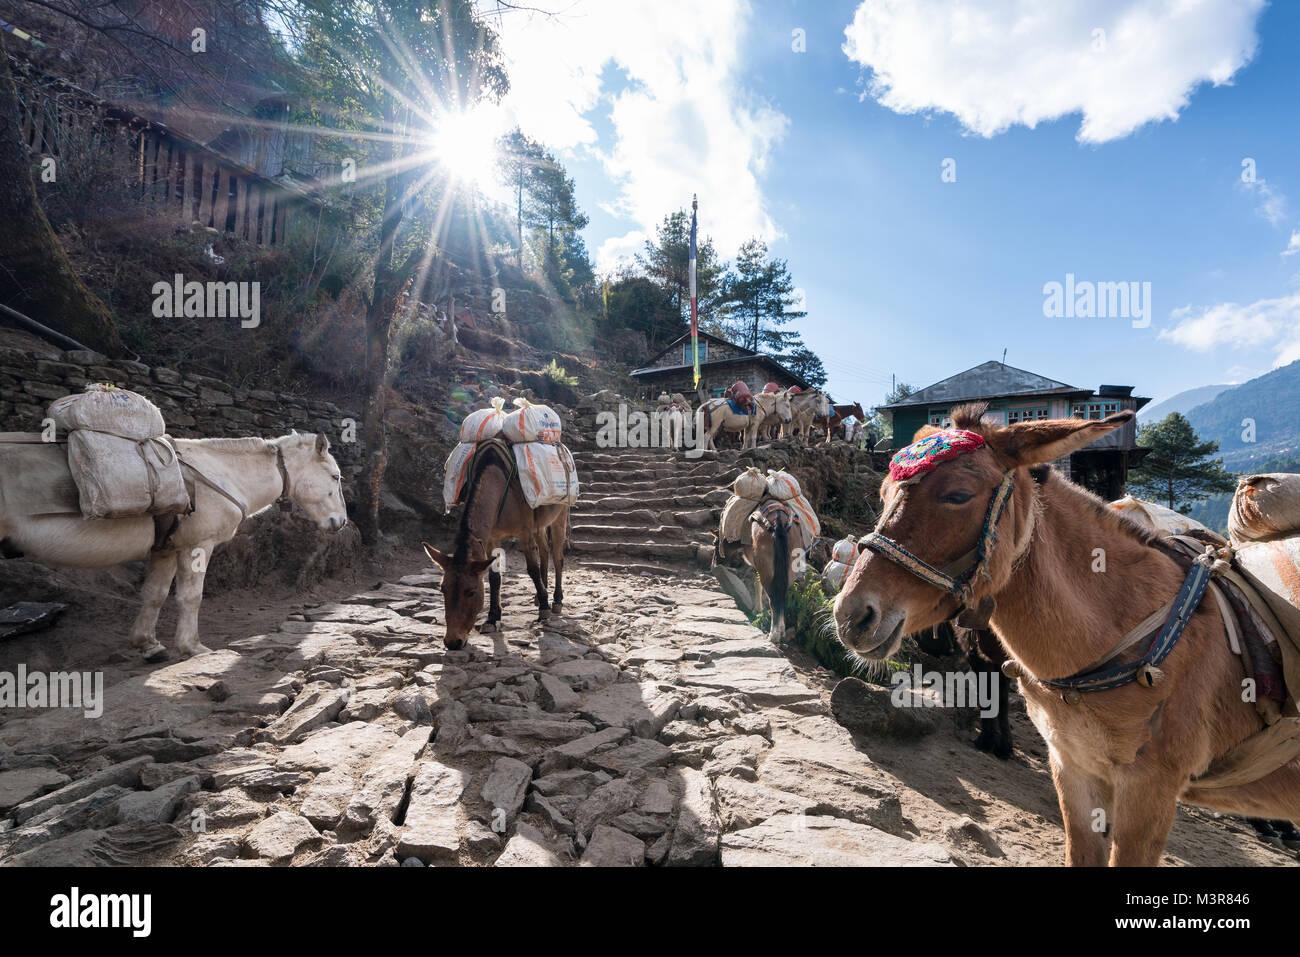 Horses and donkeys outside of Lukla, Nepal - Stock Image